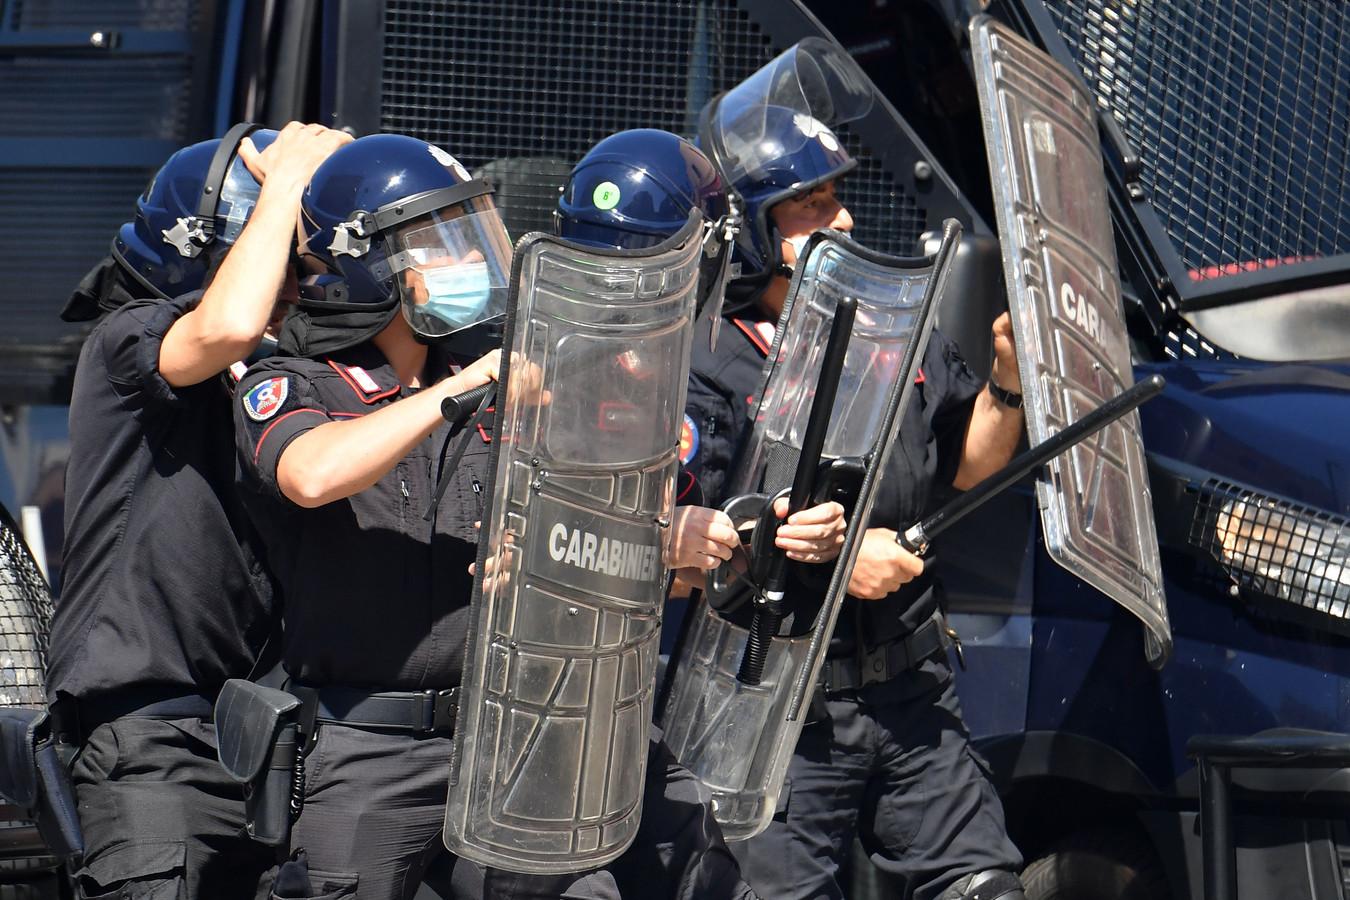 Oproerpolitie wordt belaagd.